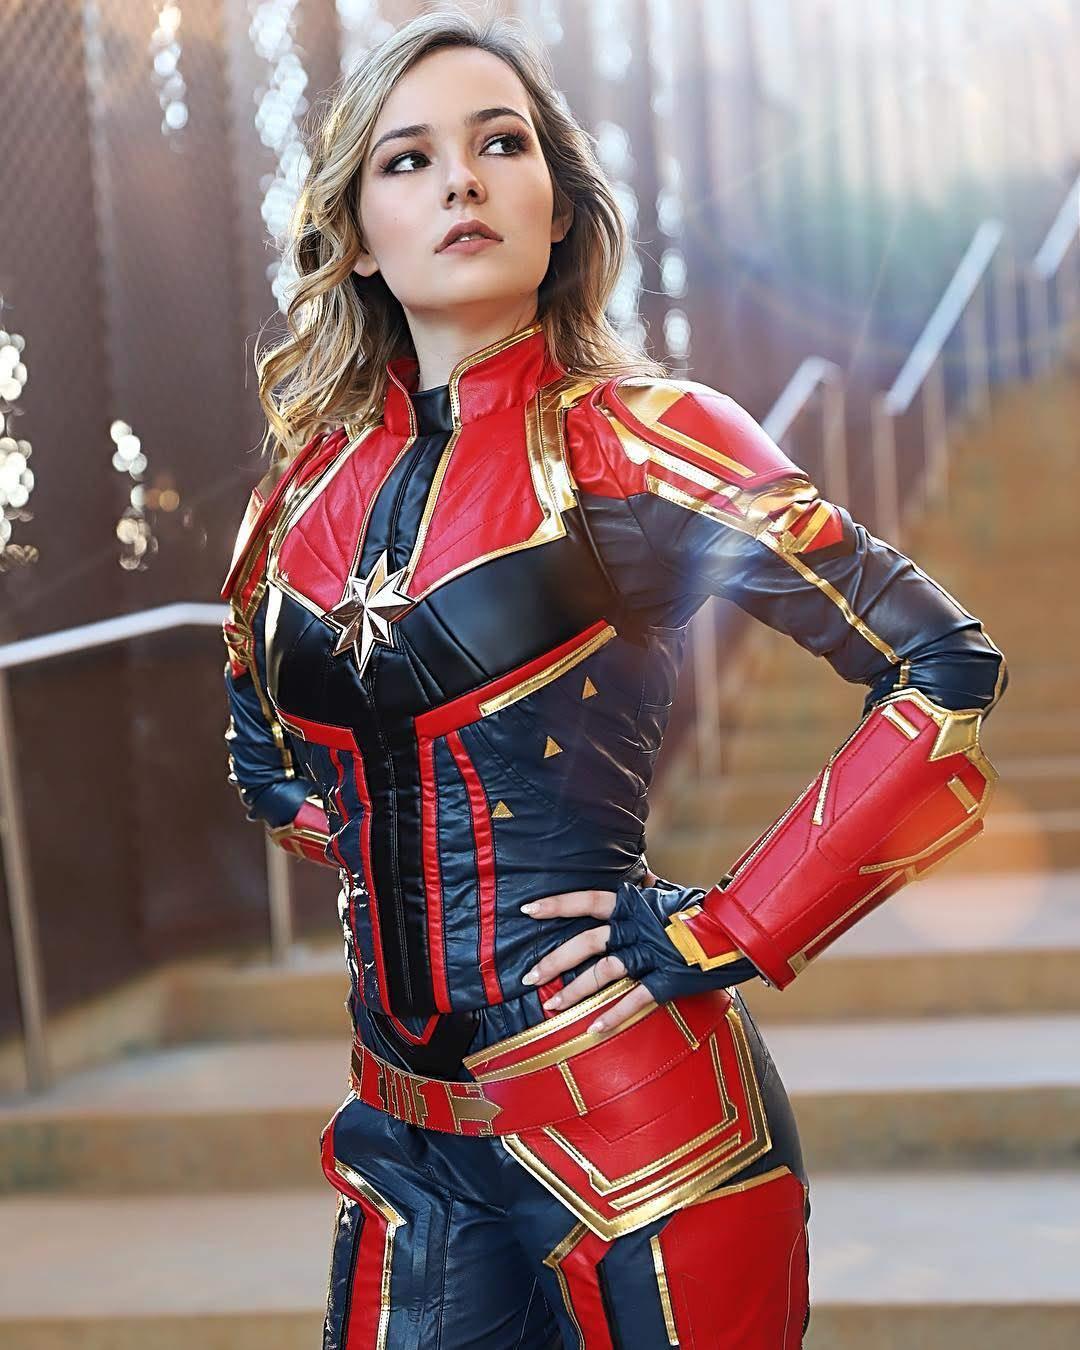 OMGcosplay as Captain Marvel : みなさんが最もワクワクの期待をしている新作映画は何ですか ? !、私が楽しみなのは…見りゃわかんだろ ! ! という、おなじみのマギーです ! !